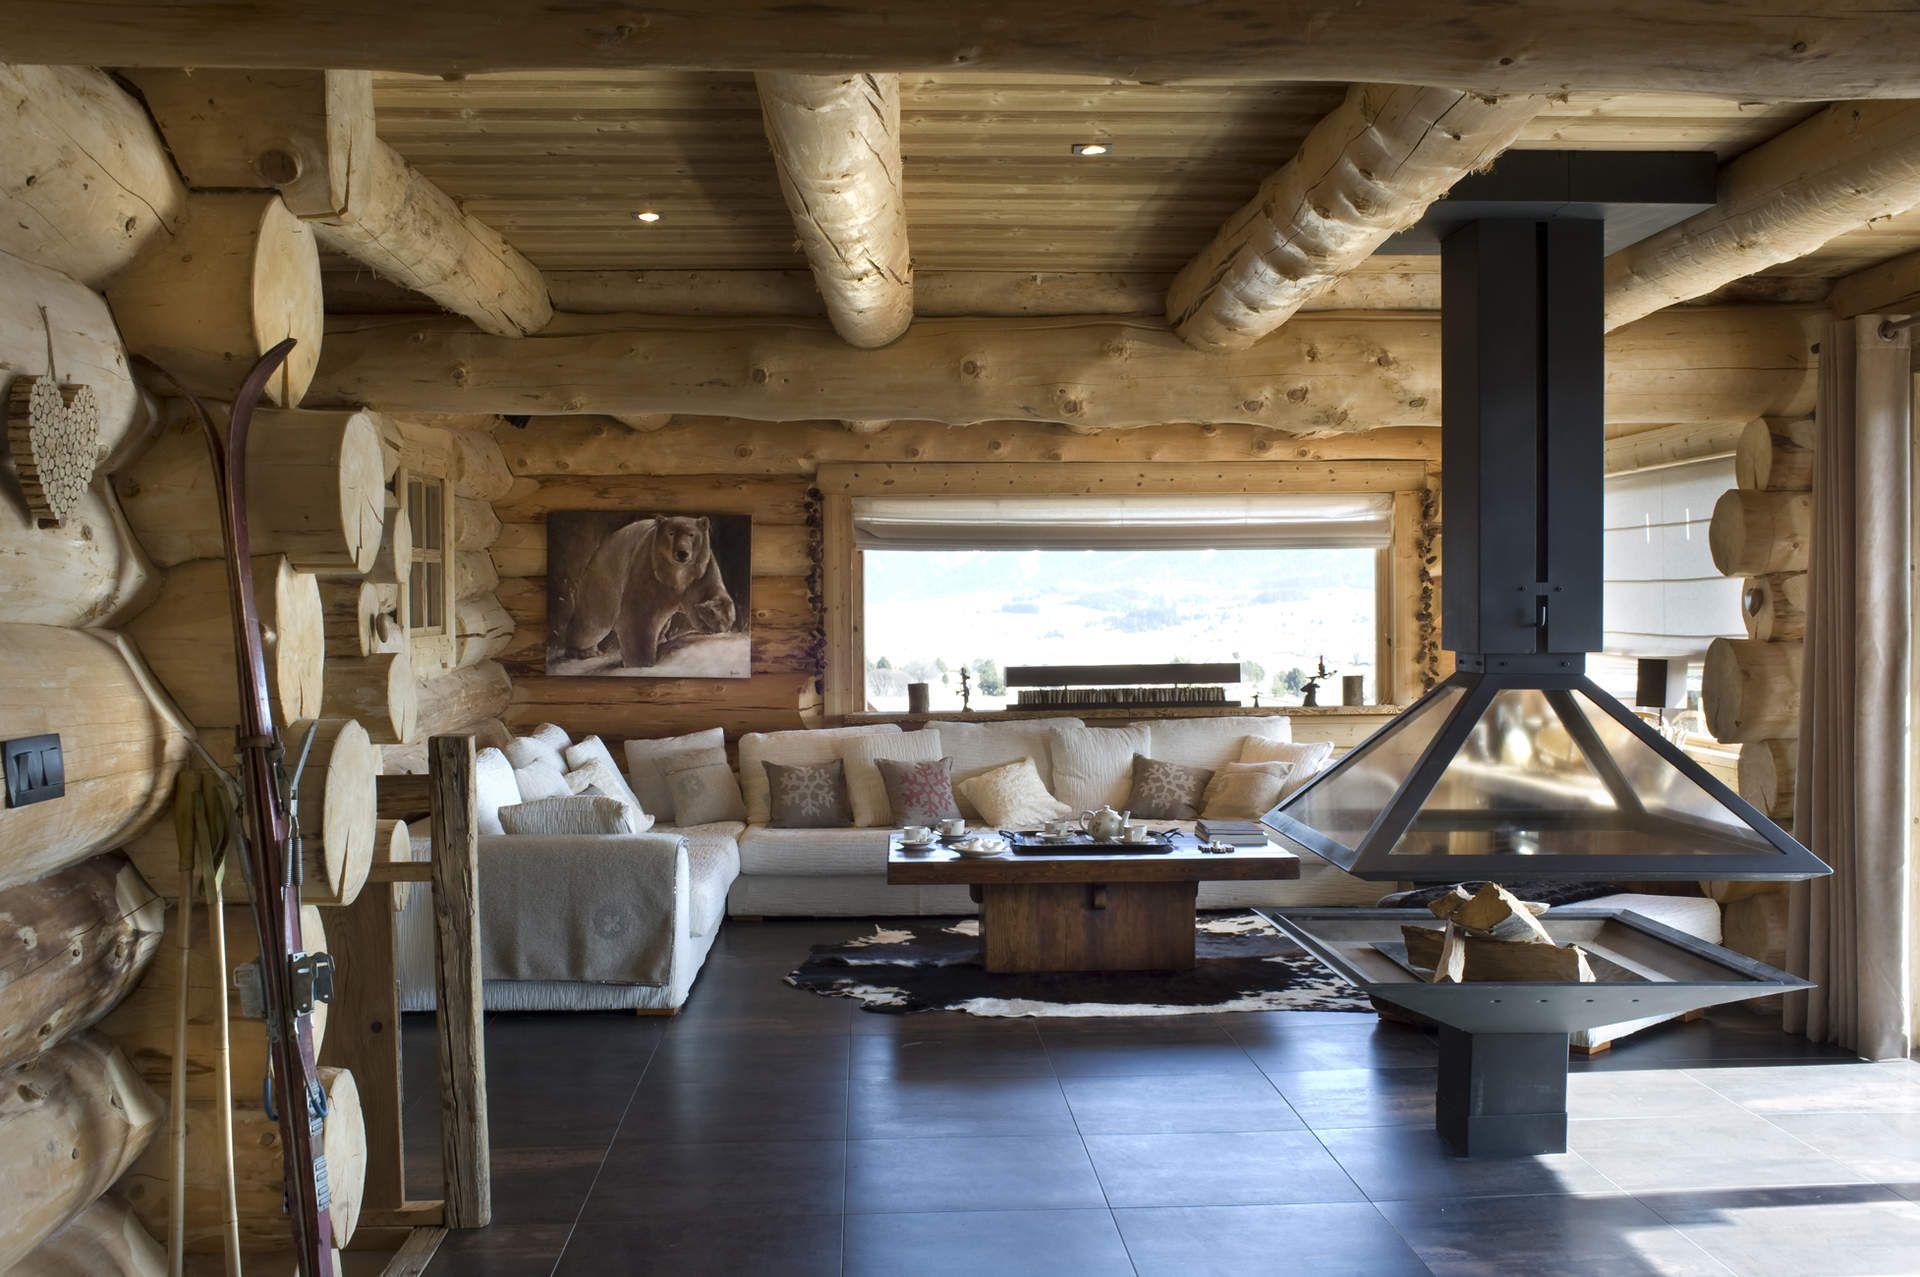 Choisissez un grand canapé pour accueillir toute votre famille ...